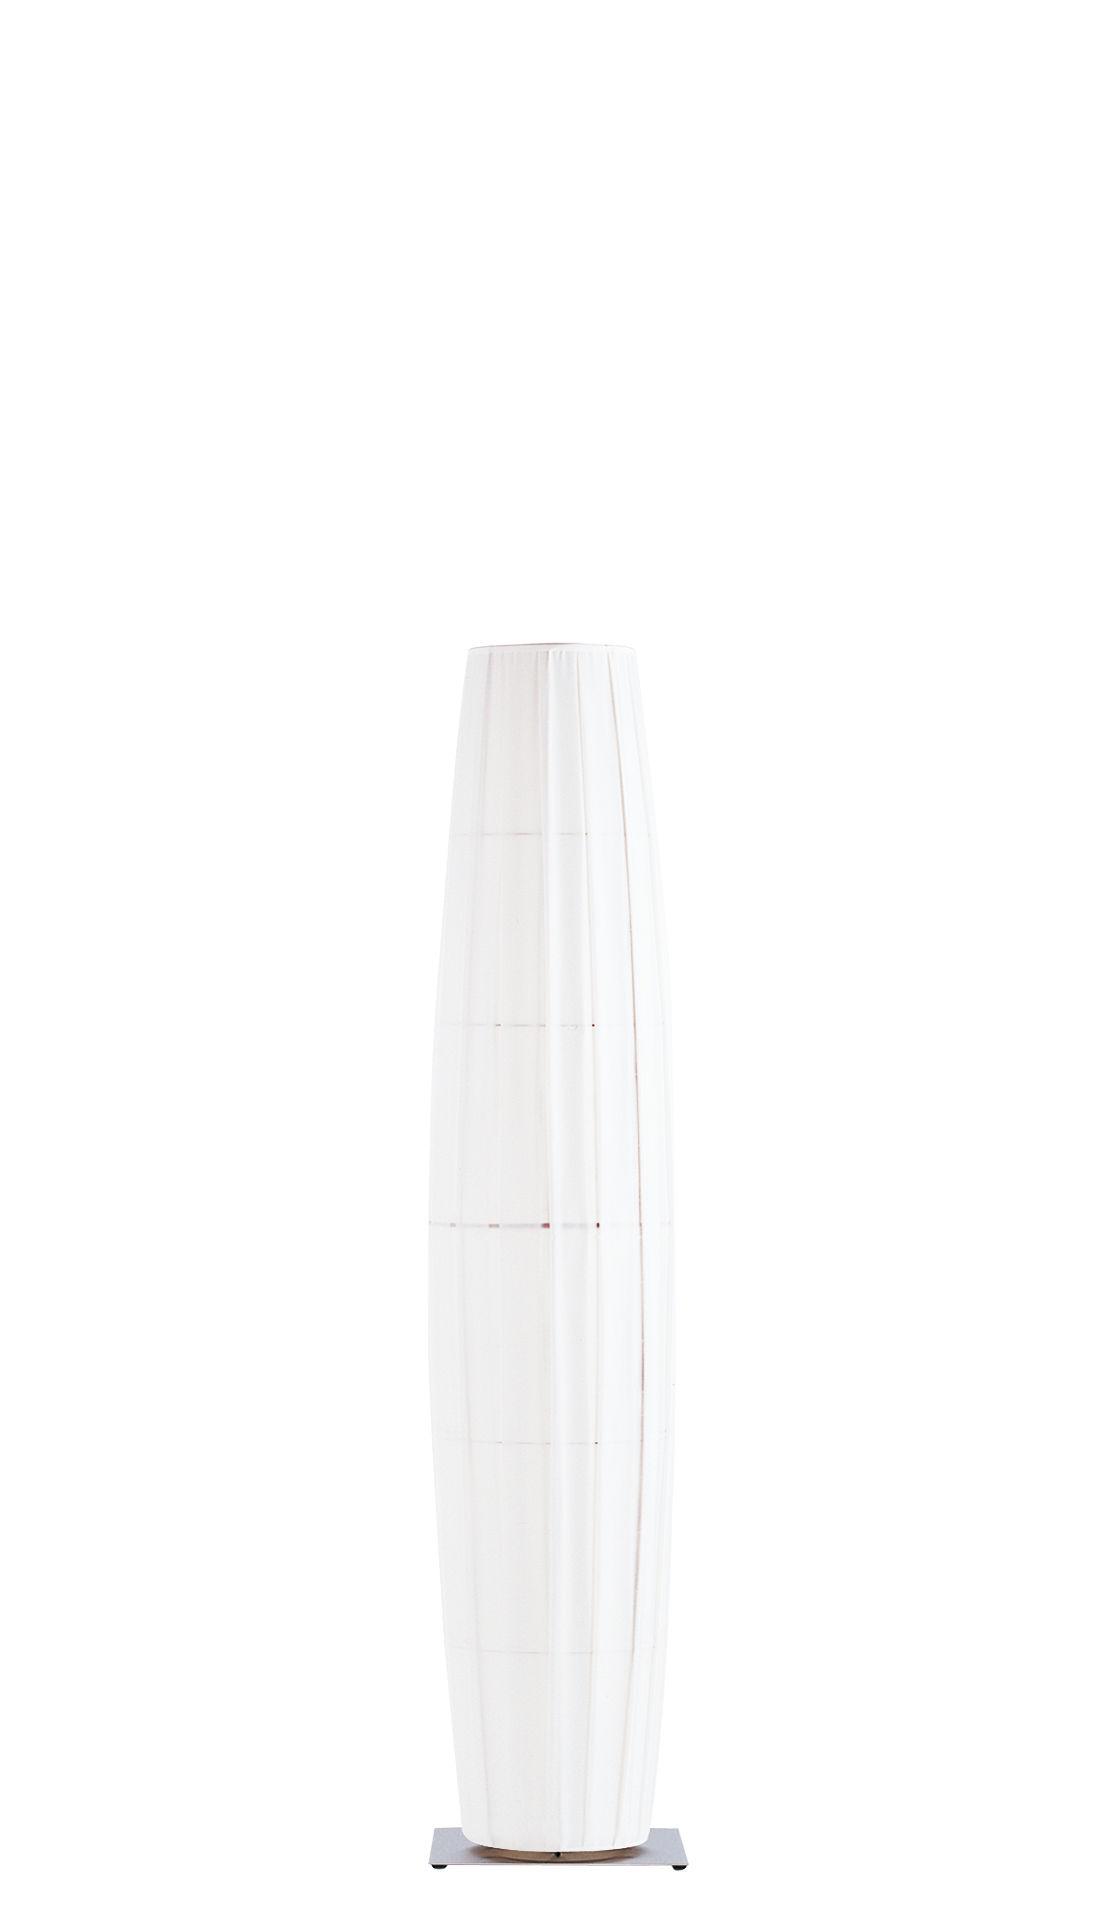 Luminaire - Lampadaires - Lampadaire Colonne / H 190 cm - Tissu - Dix Heures Dix - H 190 cm / Blanc - Acier brossé, Tissu polyester